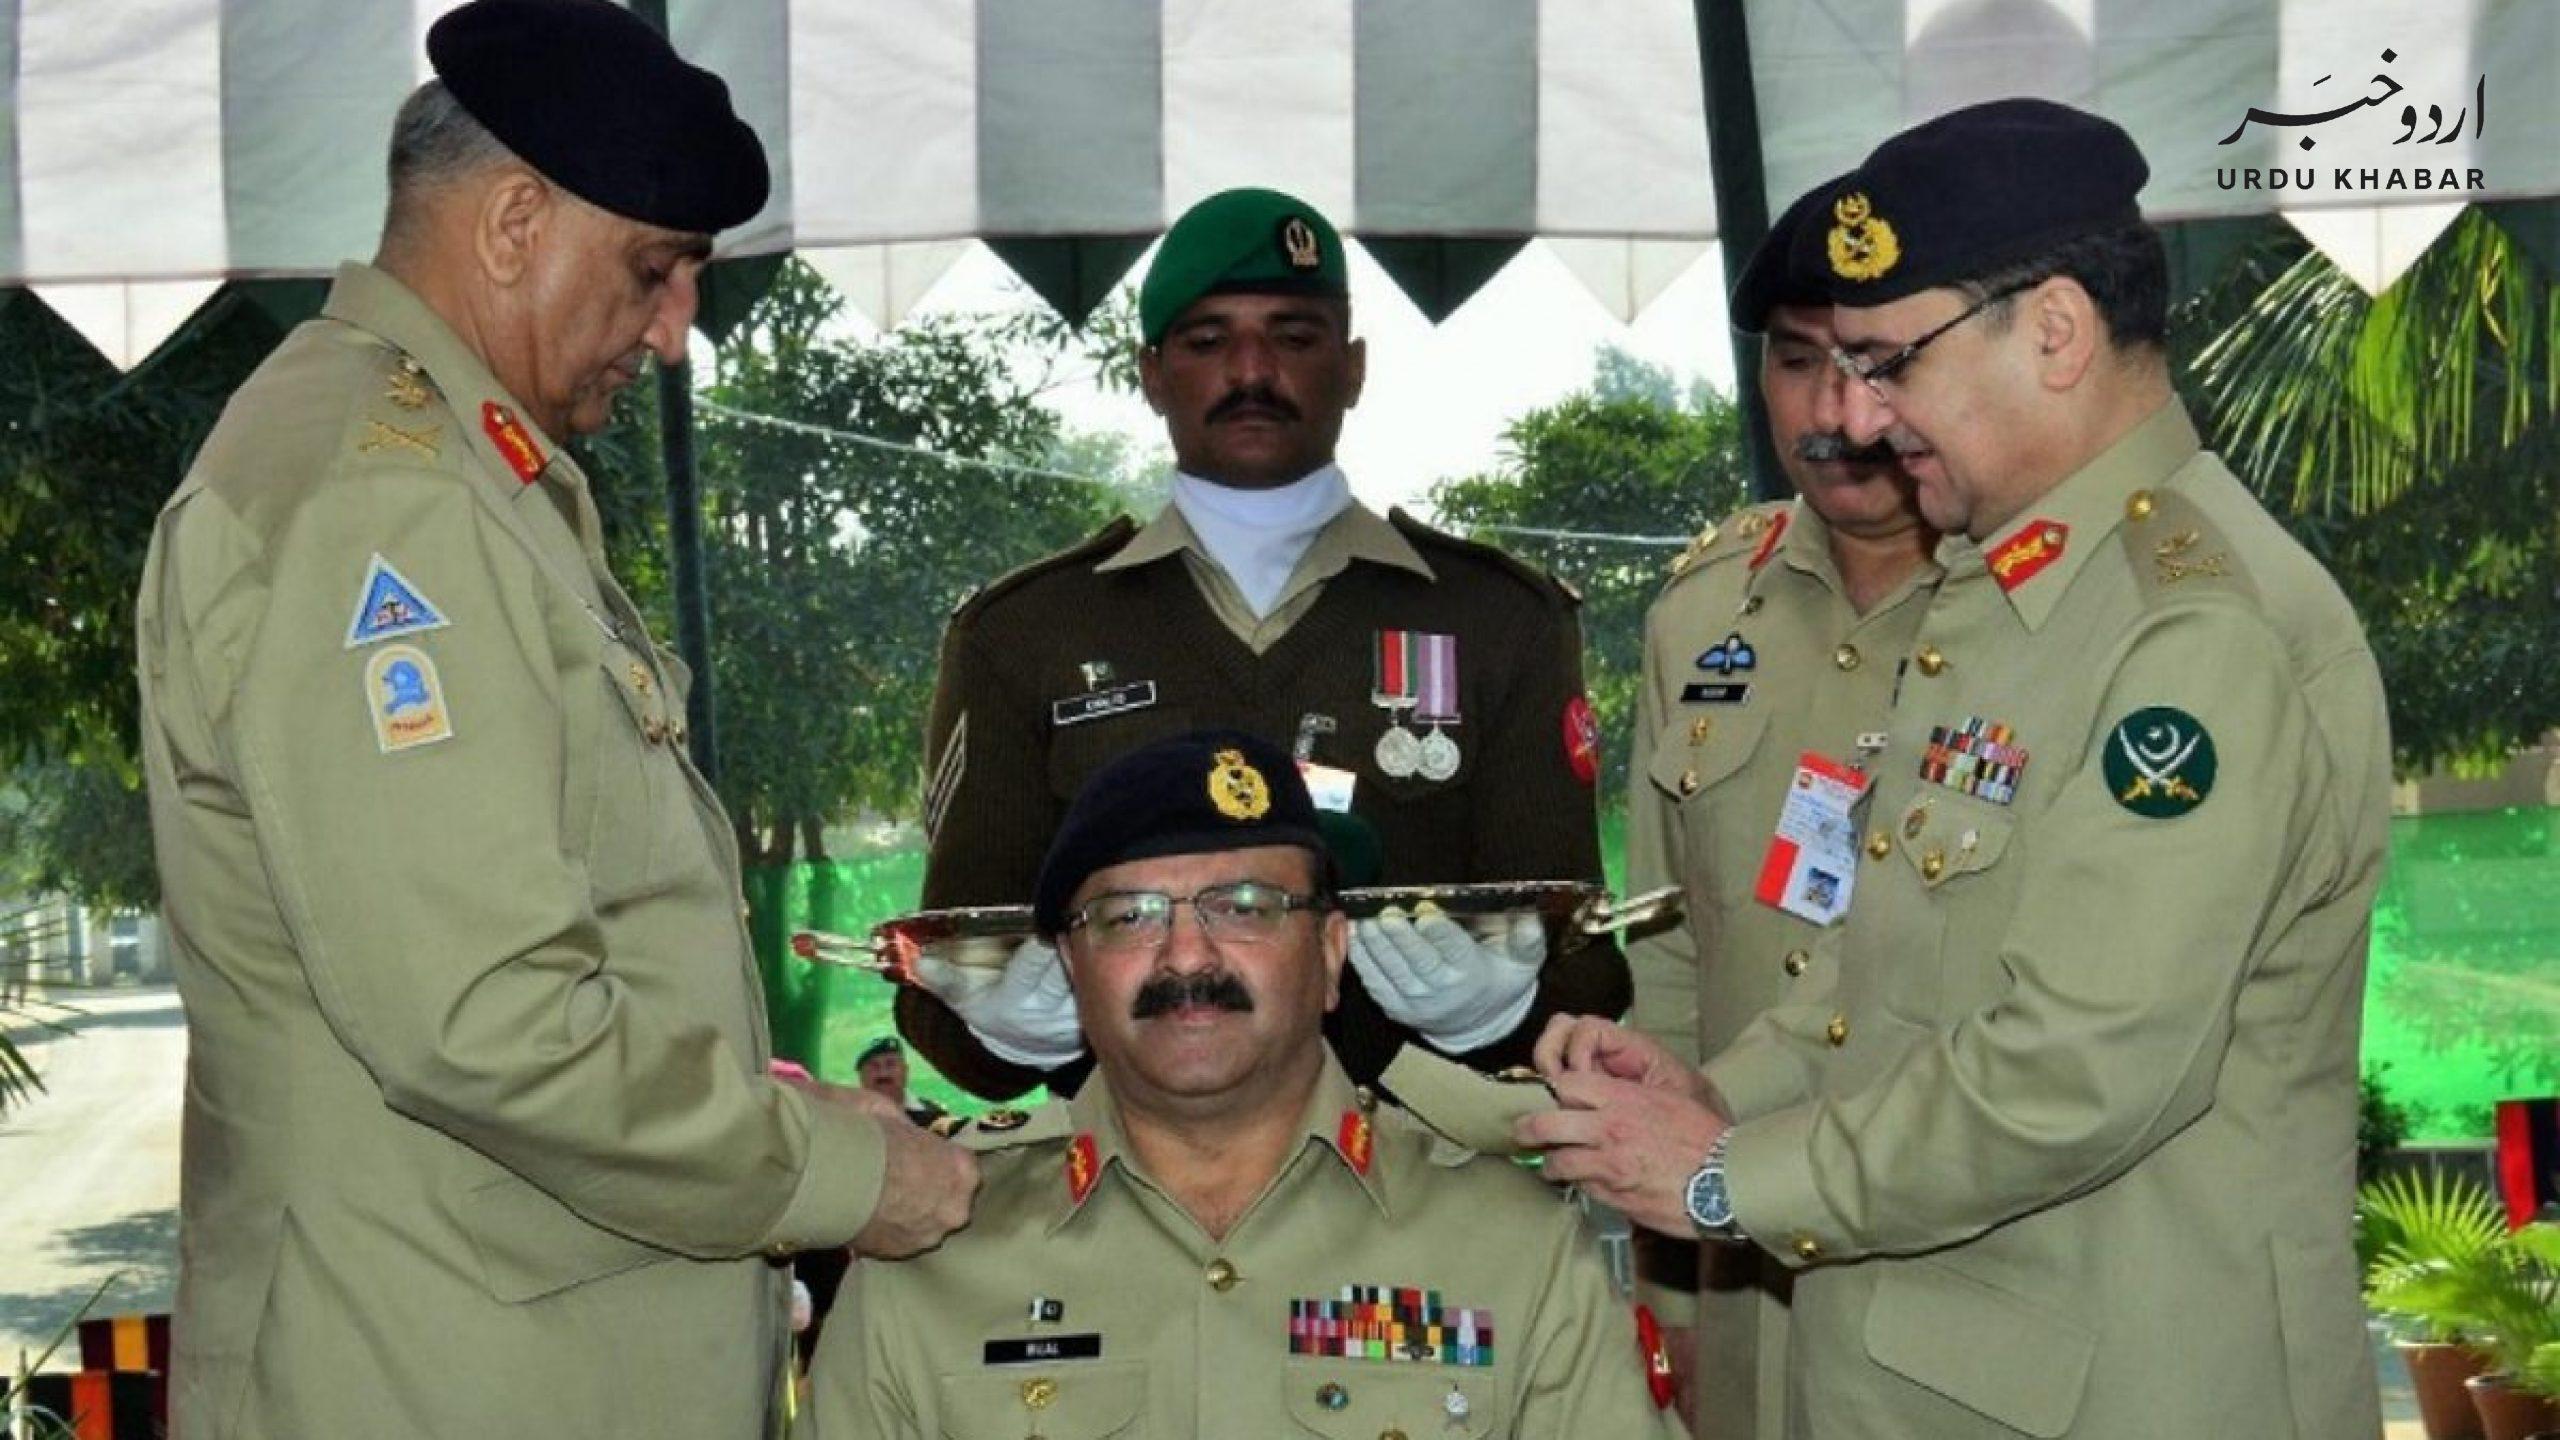 جنرل اکبر پاکستان کی طرف سے سعودی عرب کے نئے سفیر مقرر